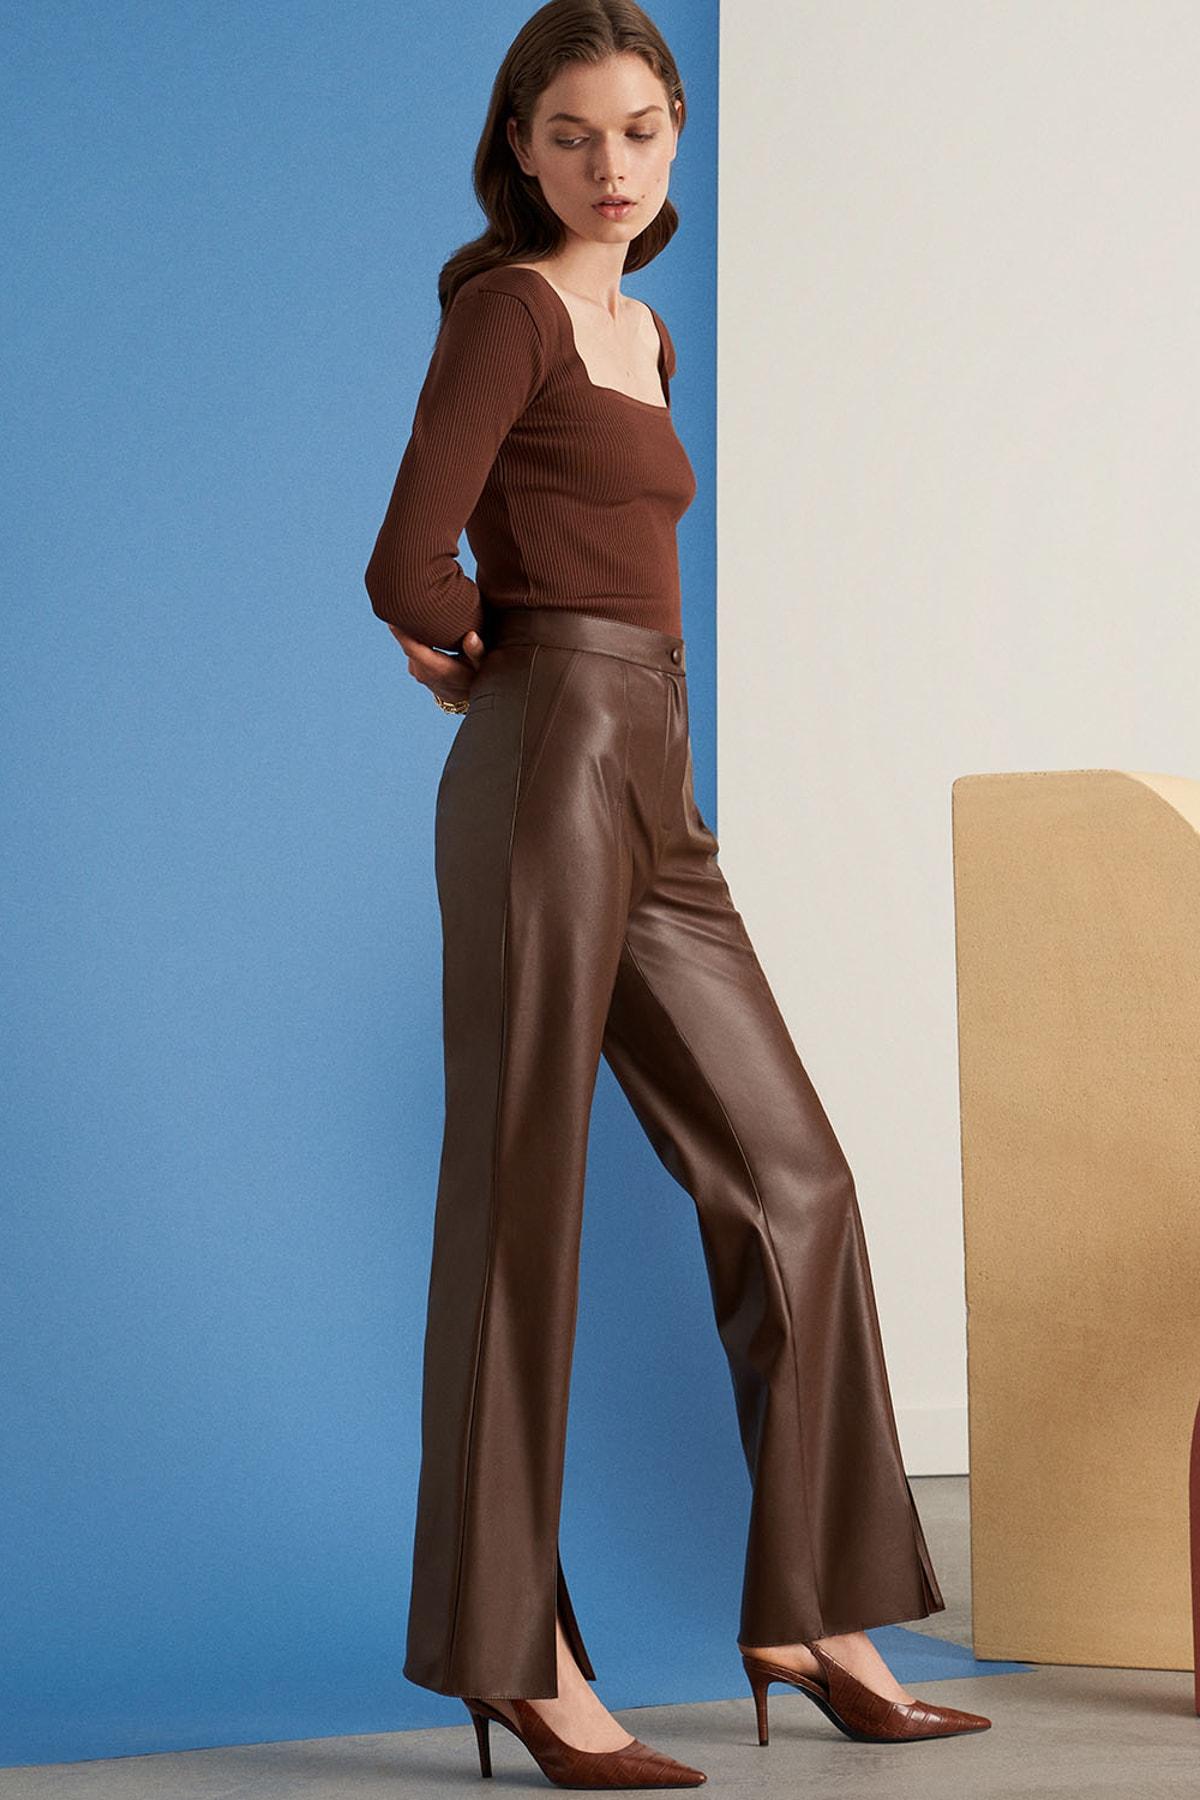 Nocturne Kadın Kahverengi Paçası Yırtmaçlı Deri Pantolon Kadın N21K-3325-0094 2